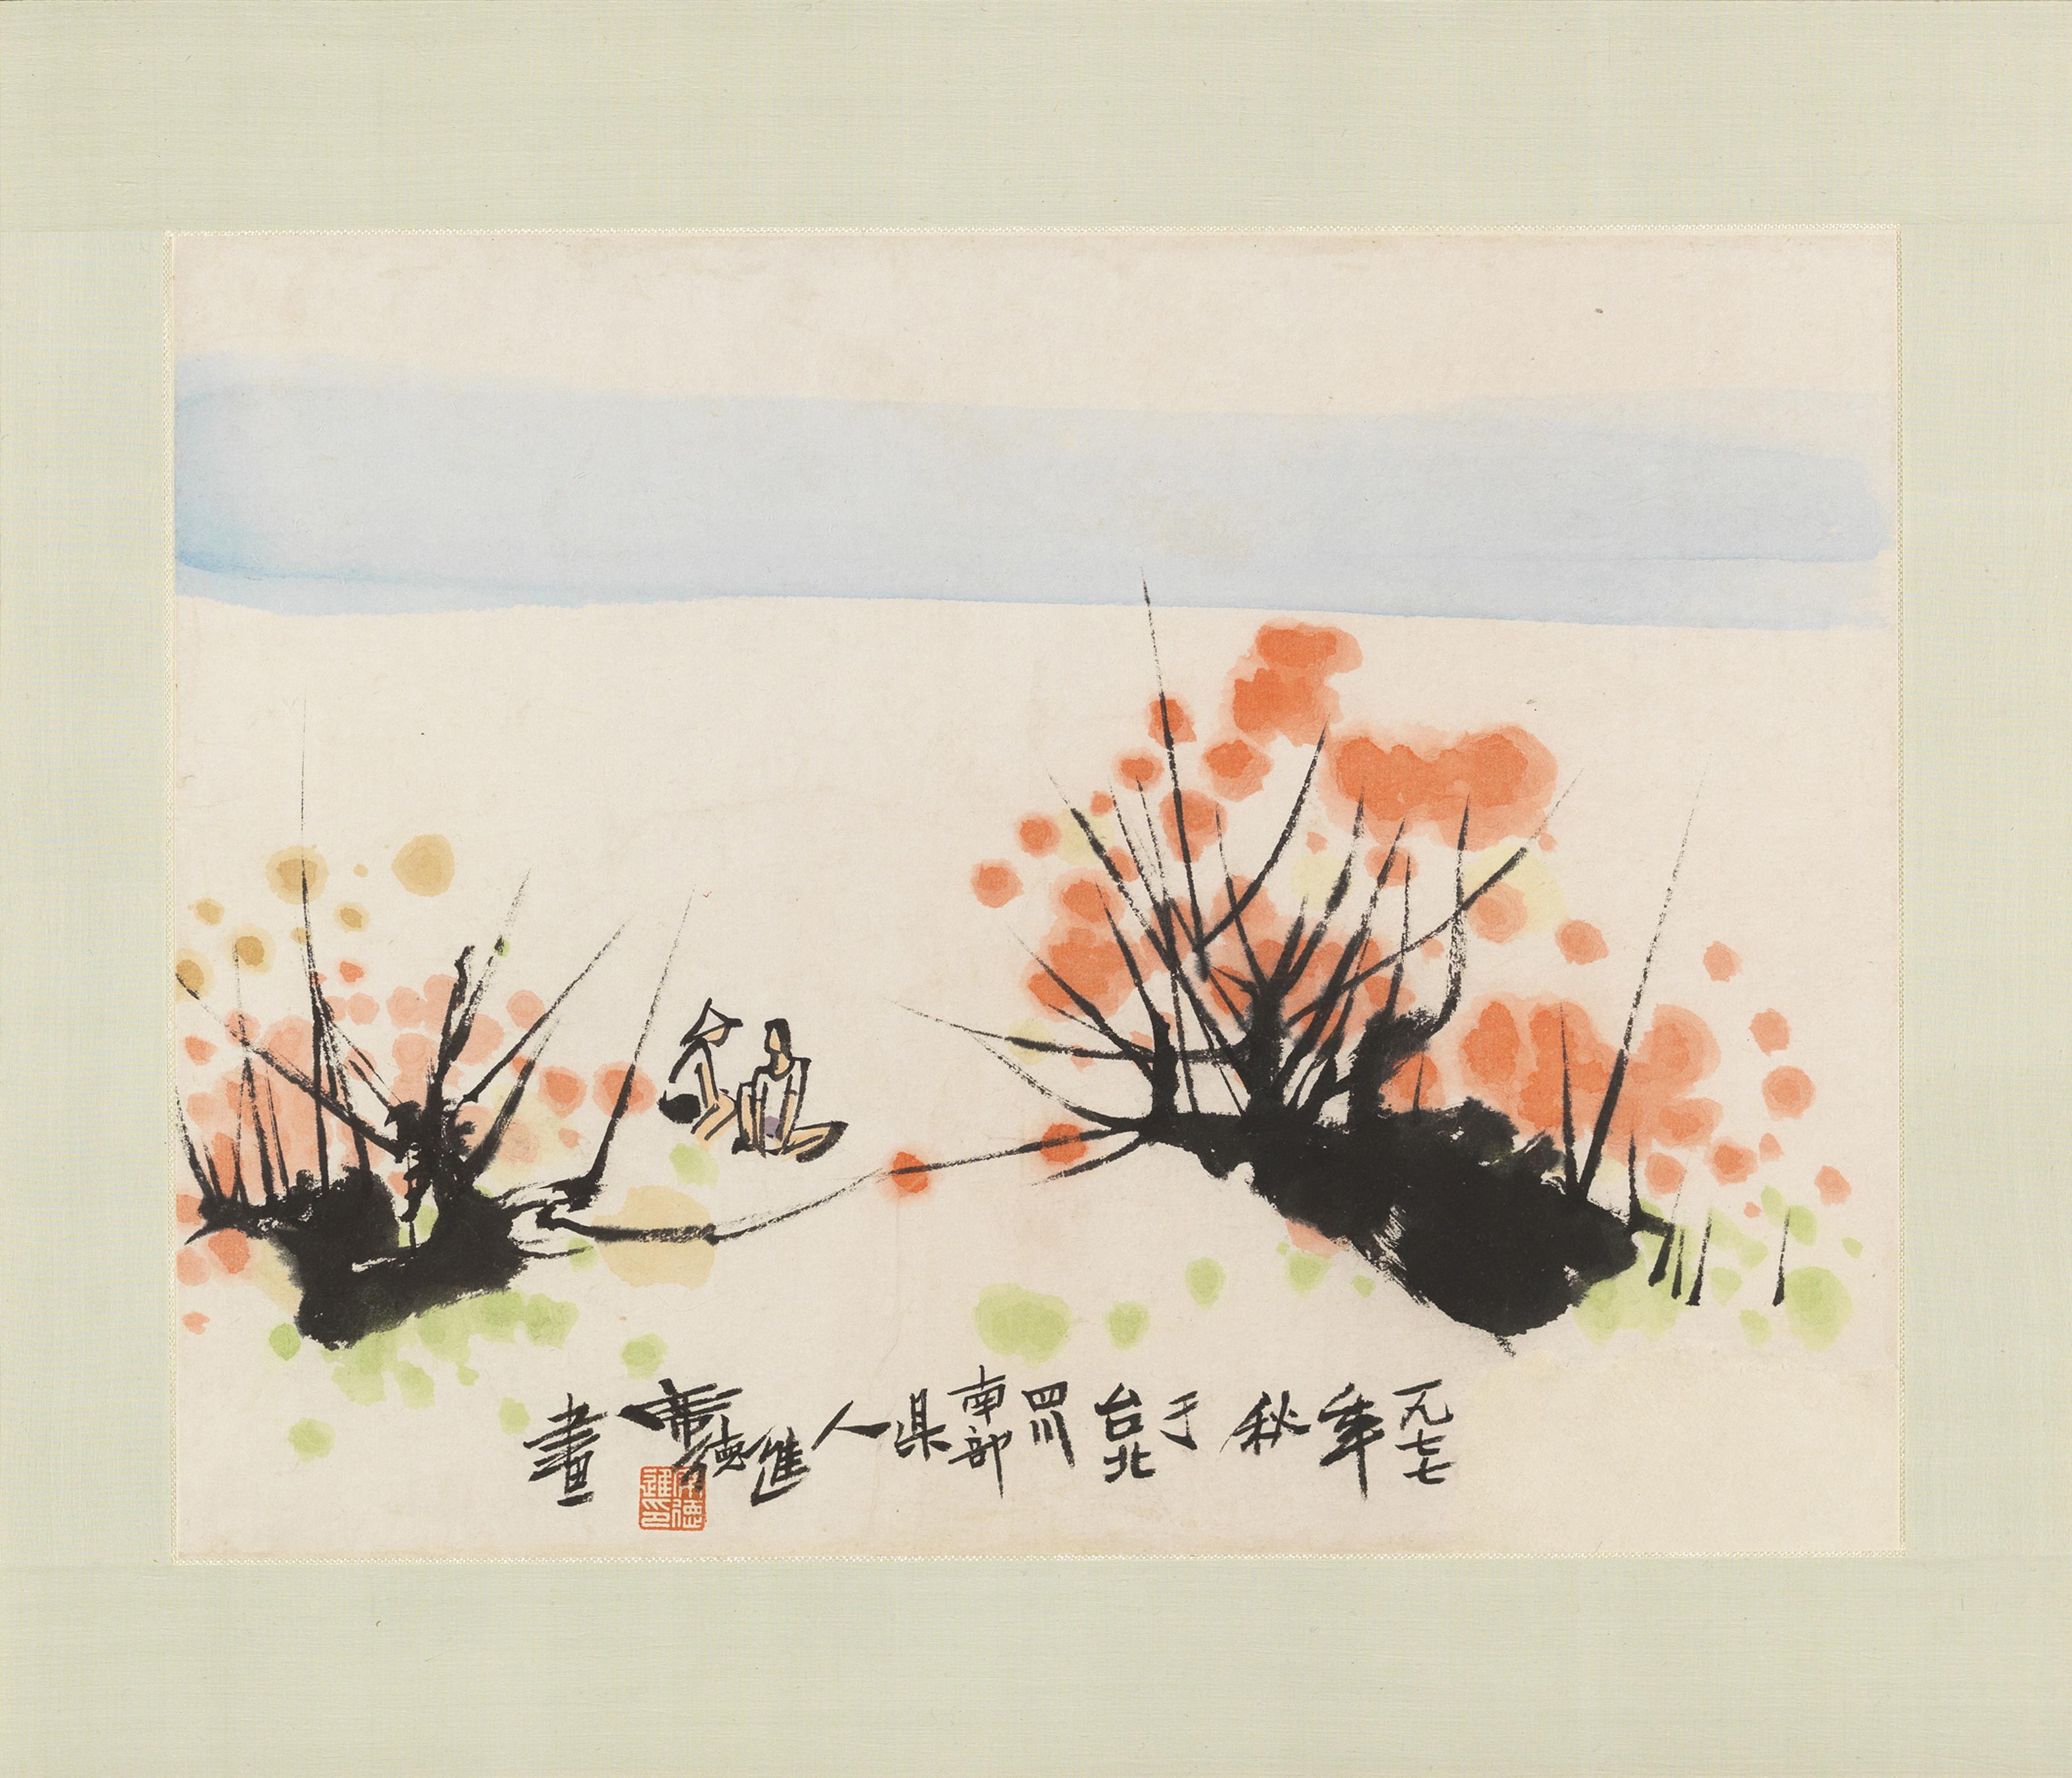 SHIY DE-JINN (XI DEJIN, CHINA,